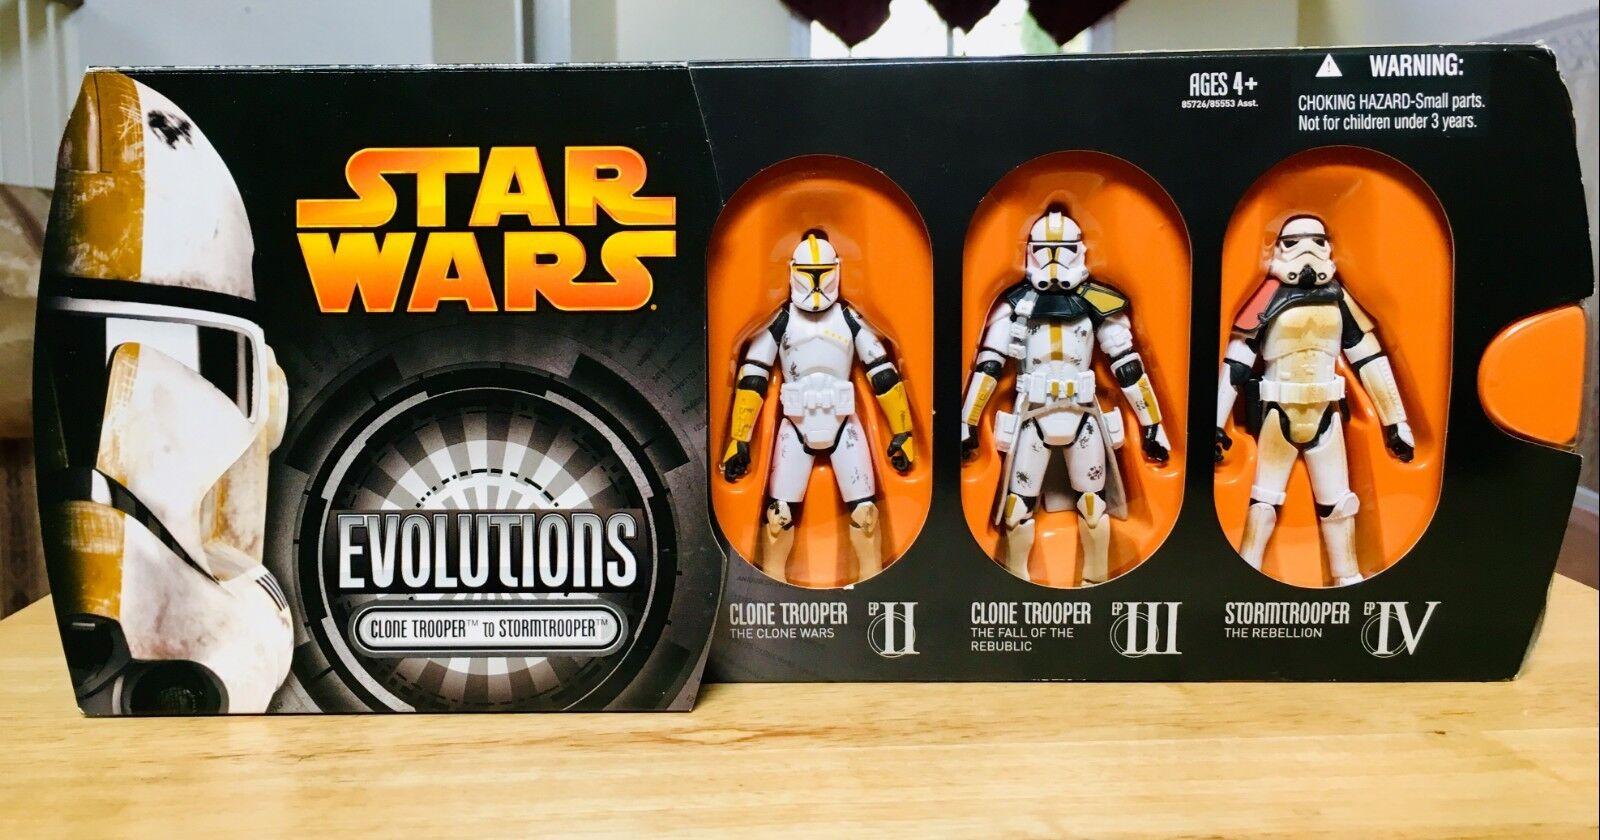 Star - wars - entwicklungen klon soldat zu stormtrooper  phase 1phase 2sandtrooper